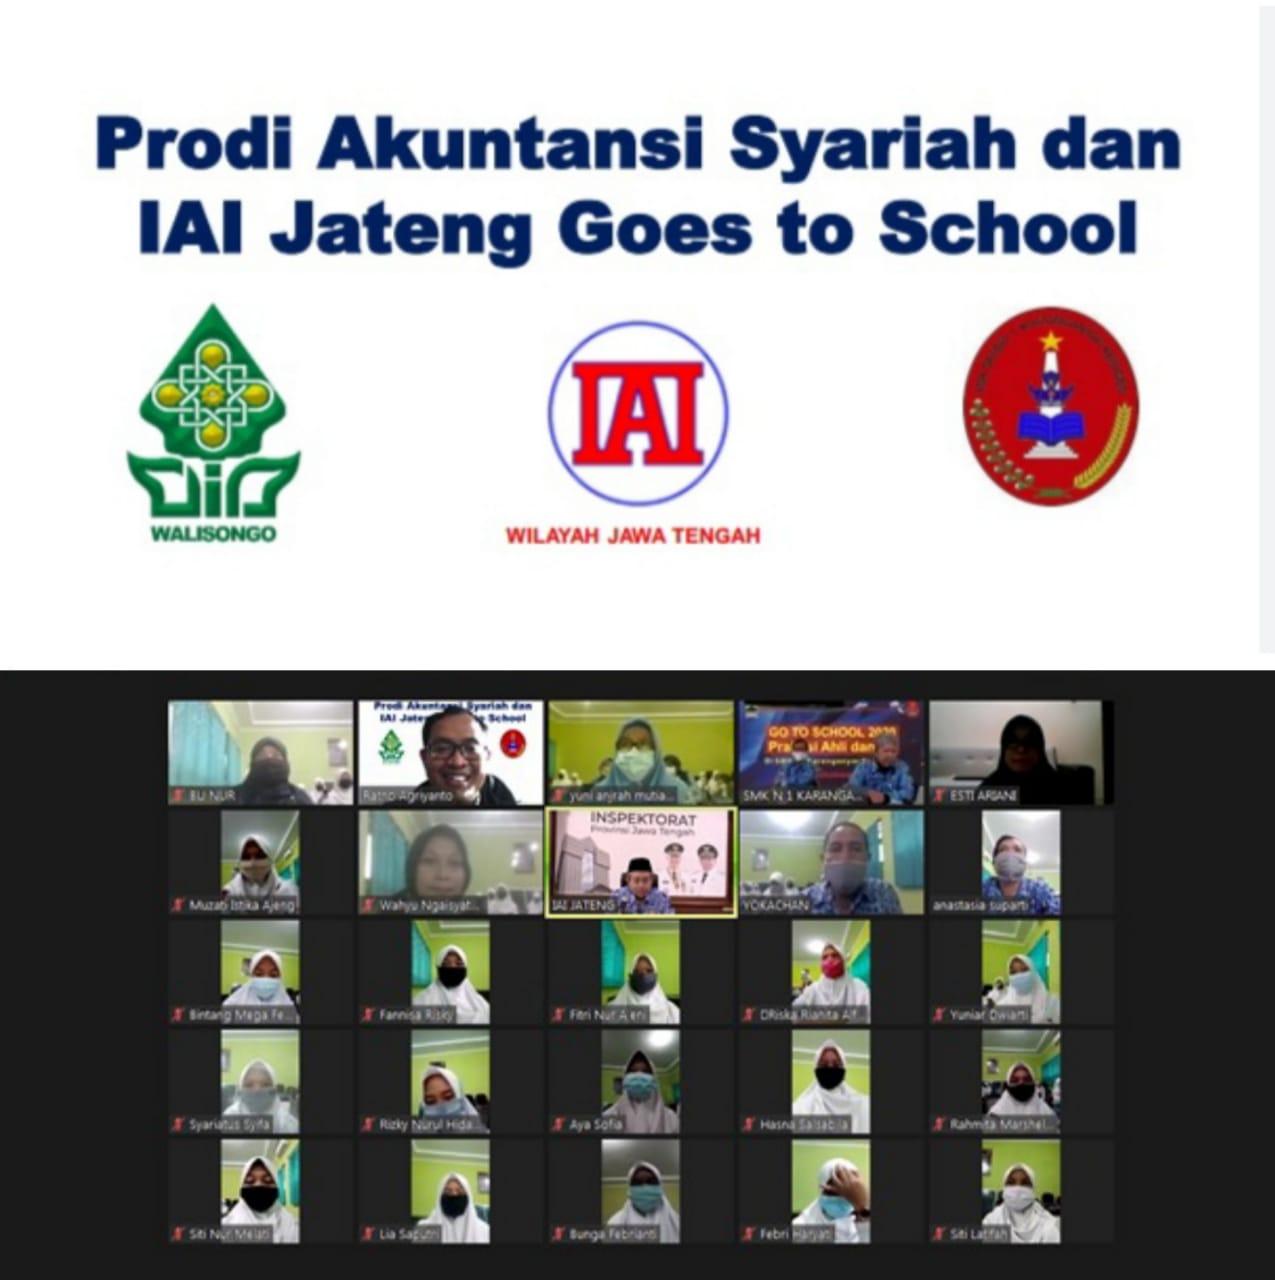 Prodi Akuntansi Syariah FEBI UIN Walisongo dan Ikatan Akuntan Indonesia Goes To School